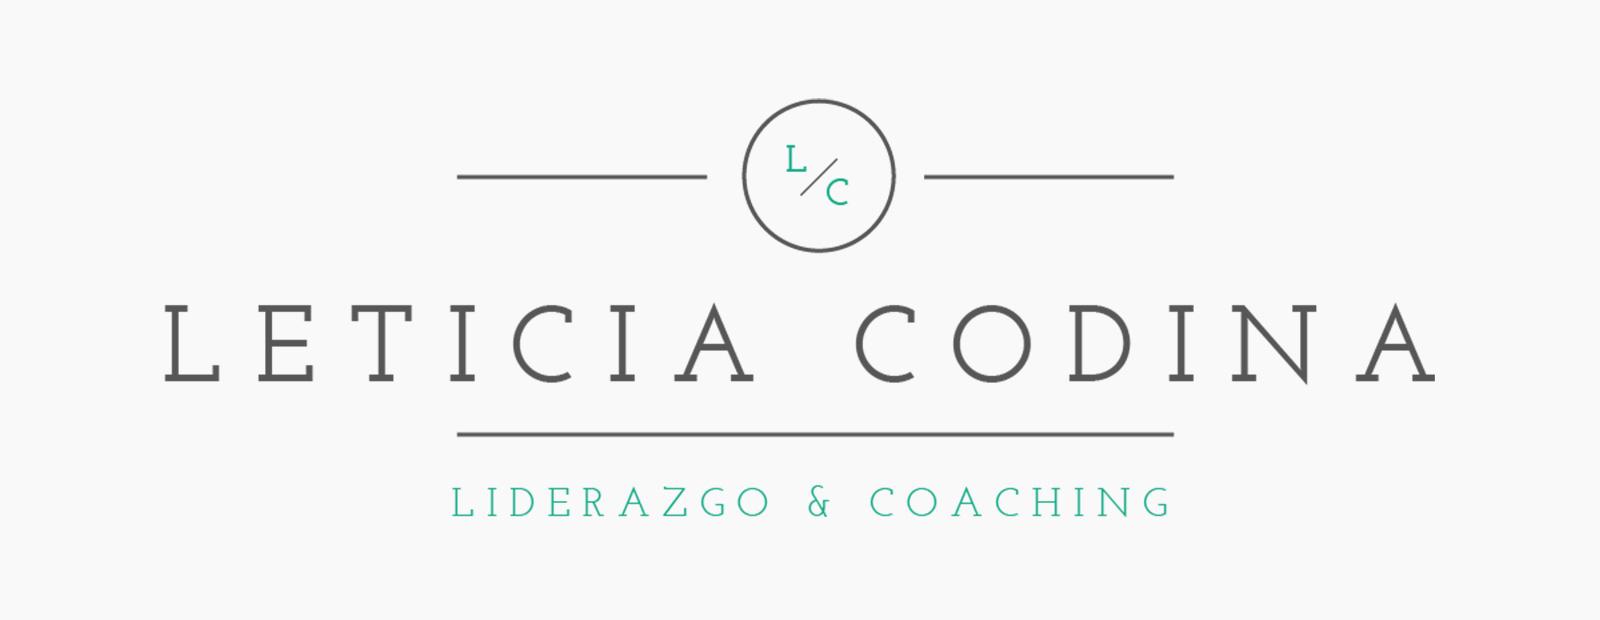 leticia-codina-slider-02